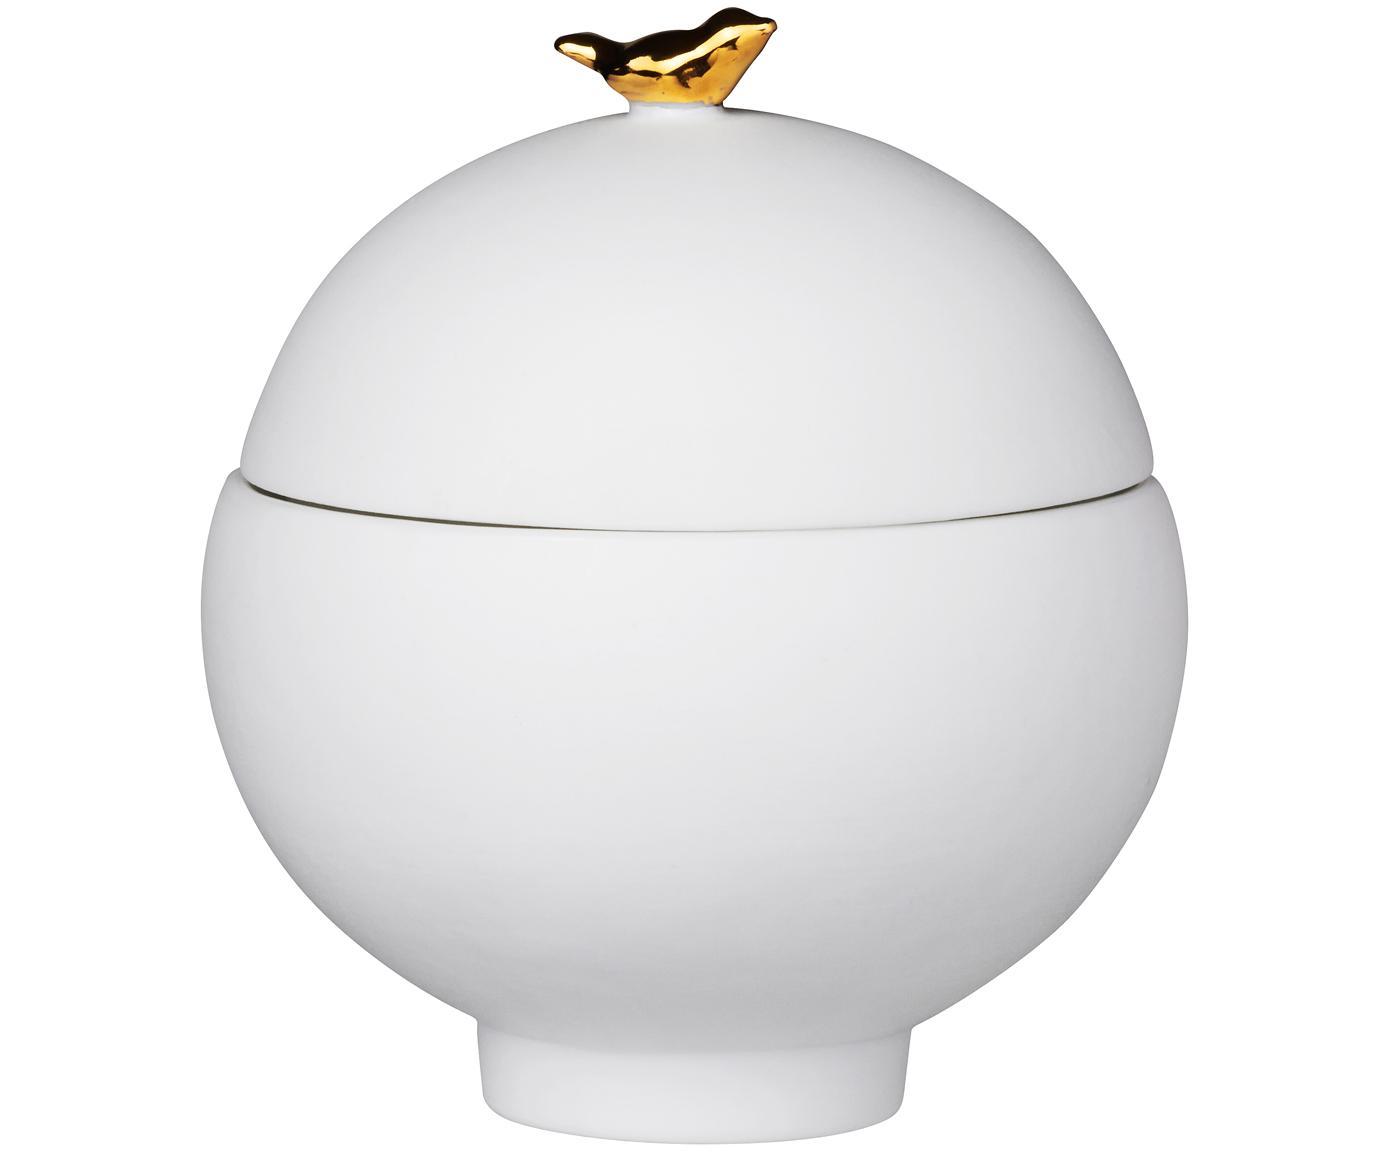 Opbergpot Vogel, Porselein, Wit, Ø 7 x H 8 cm